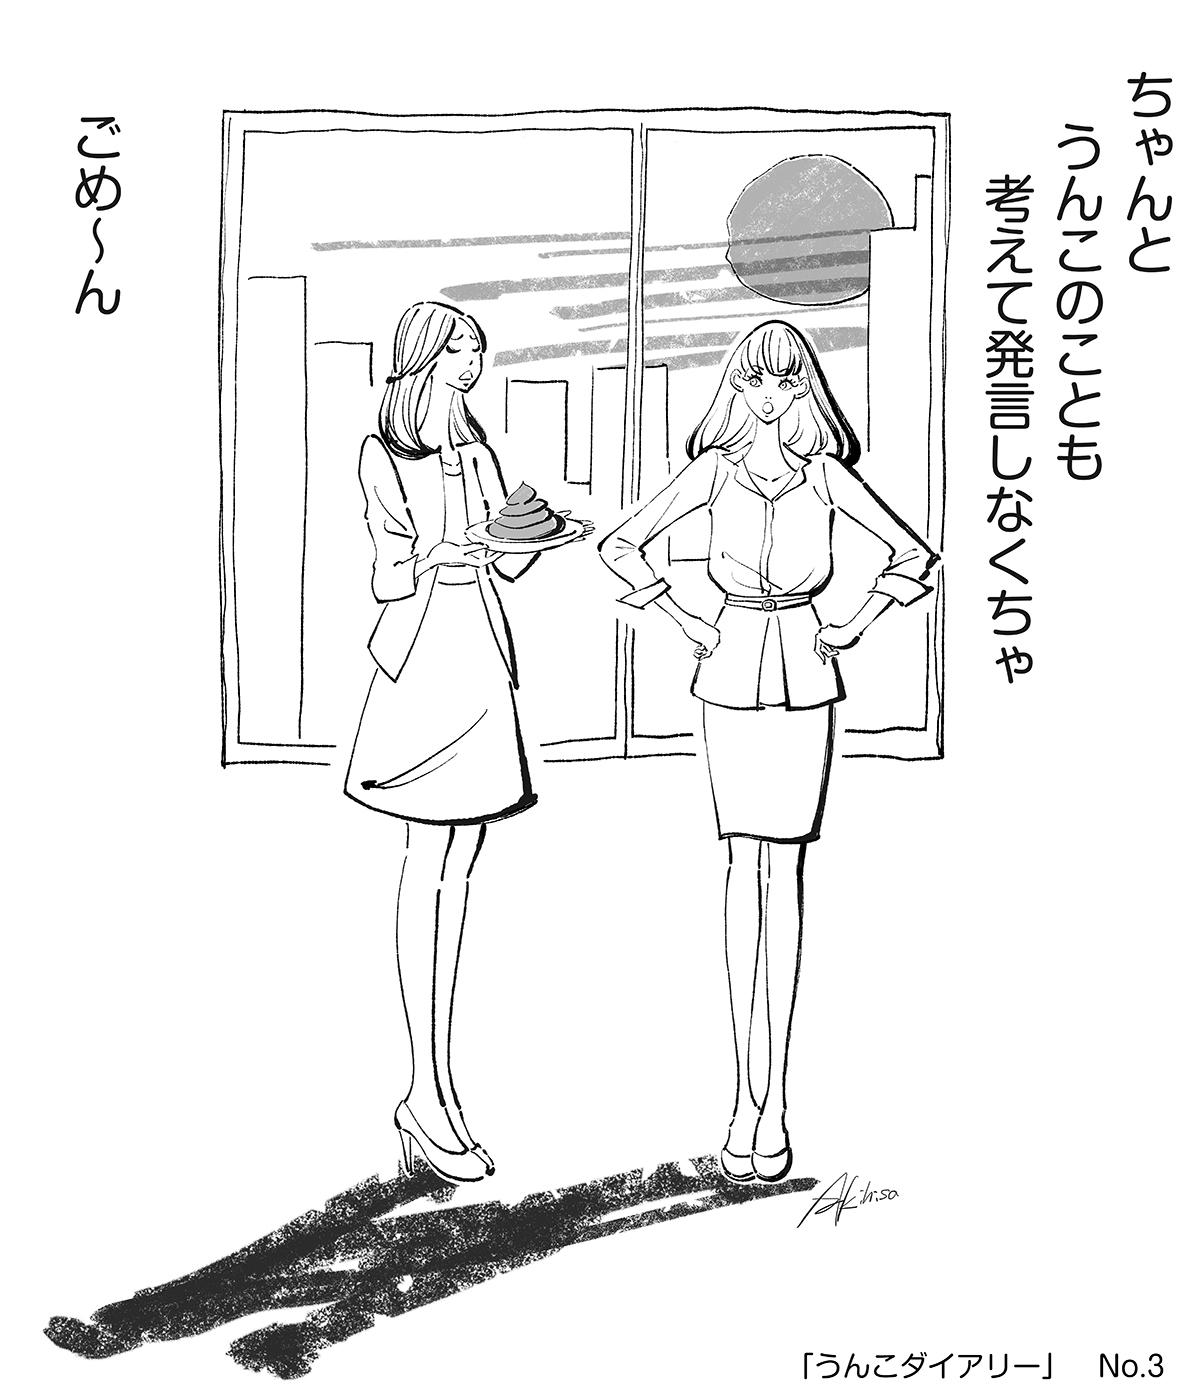 連載イラスト_うんこダイアリーNo.3 ちゃんと考えて